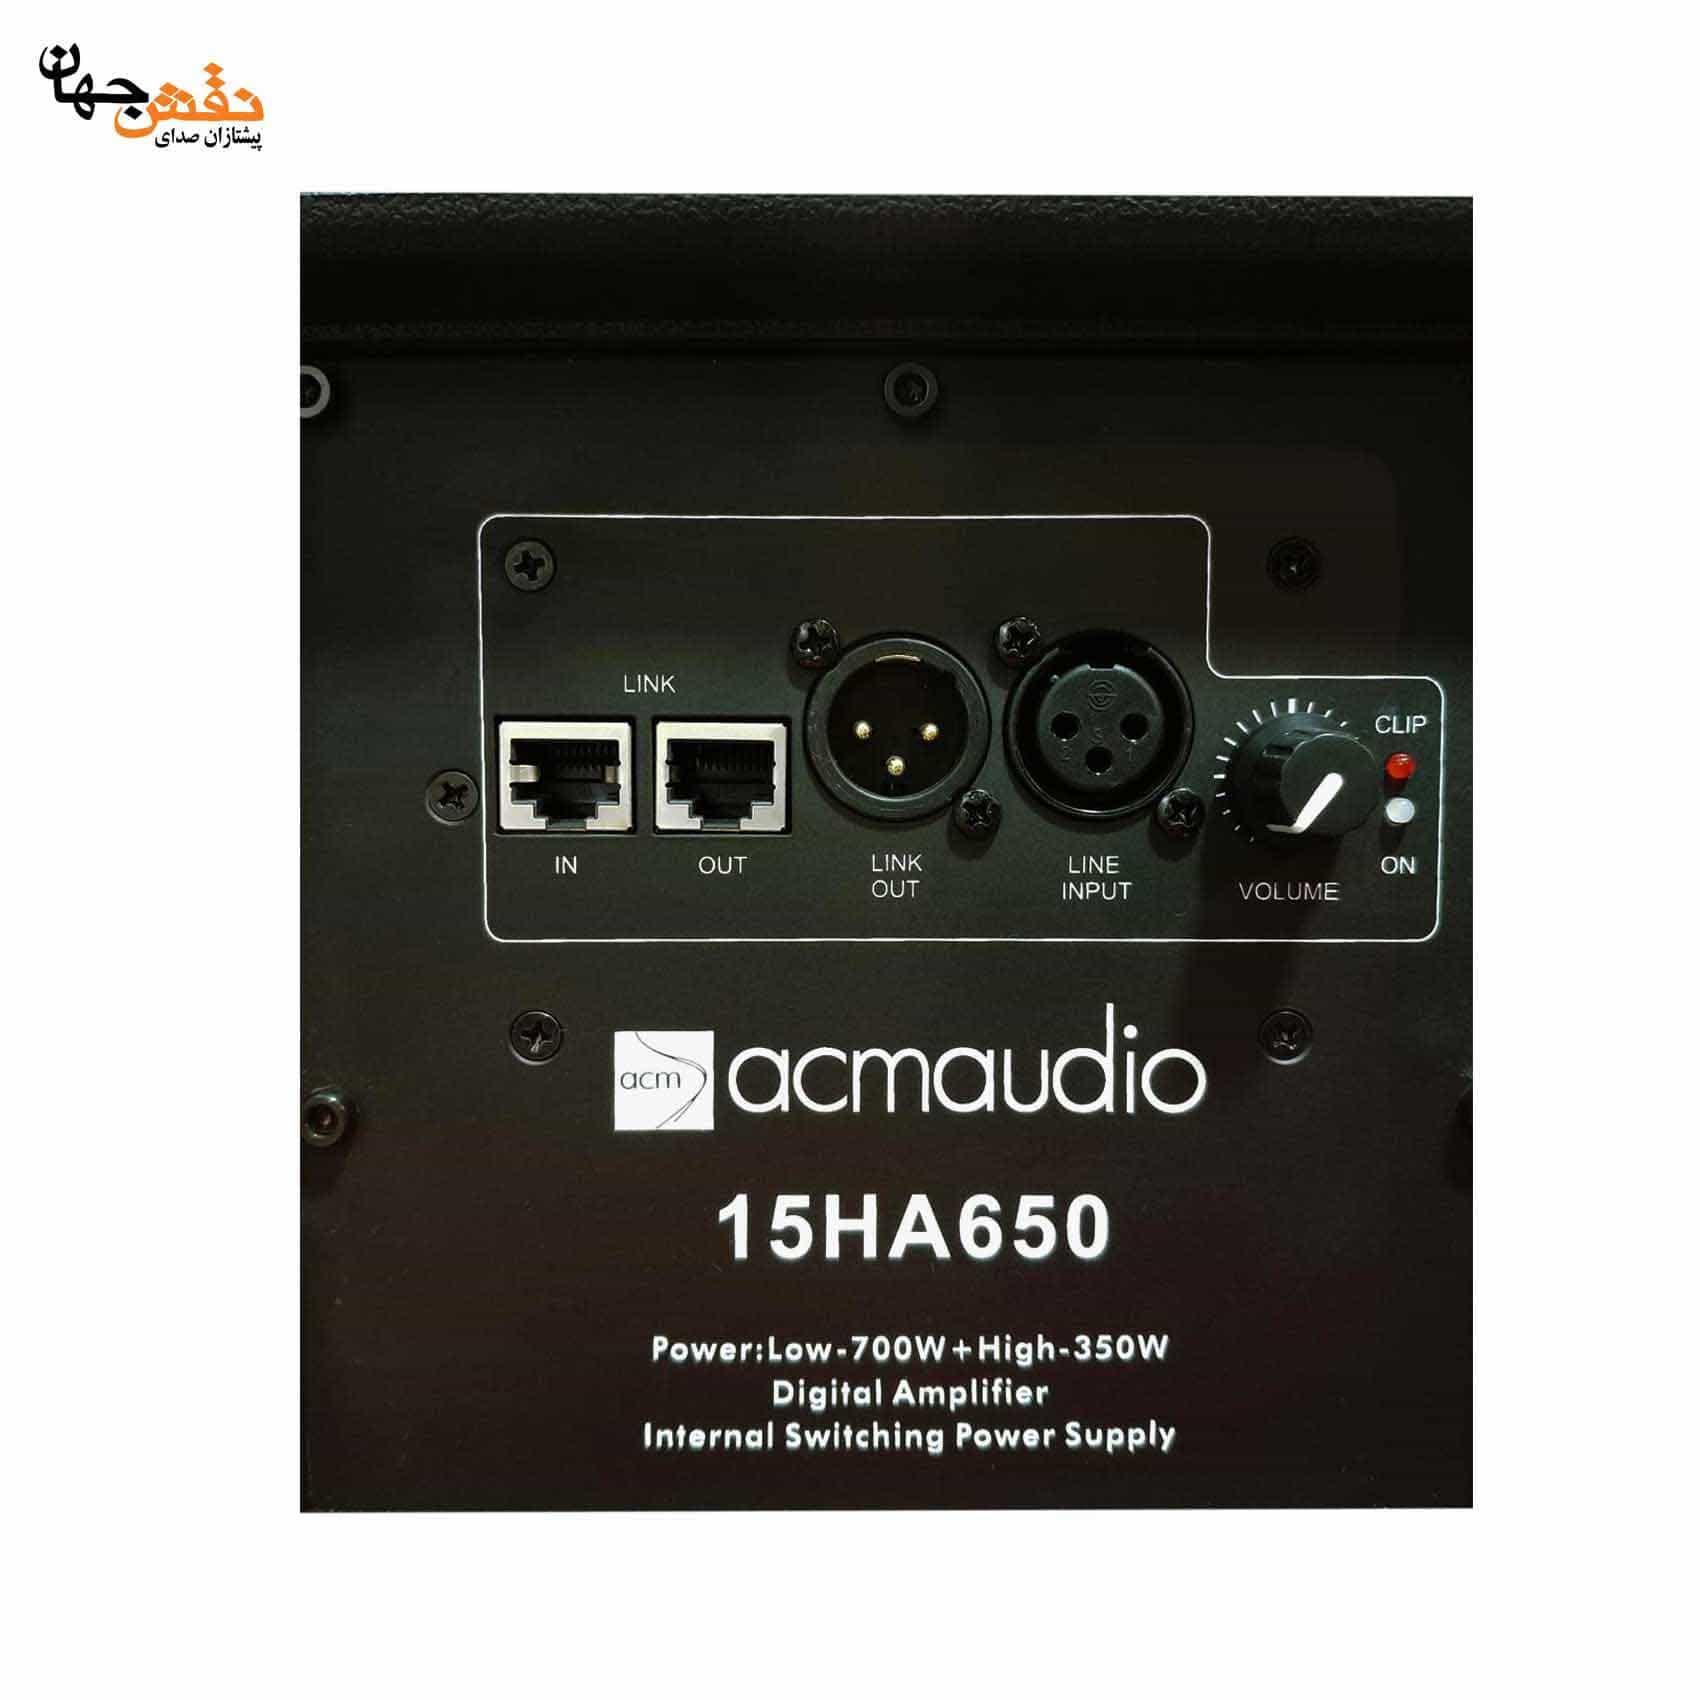 باند اکتیو ای سی ام مدل 15HA650